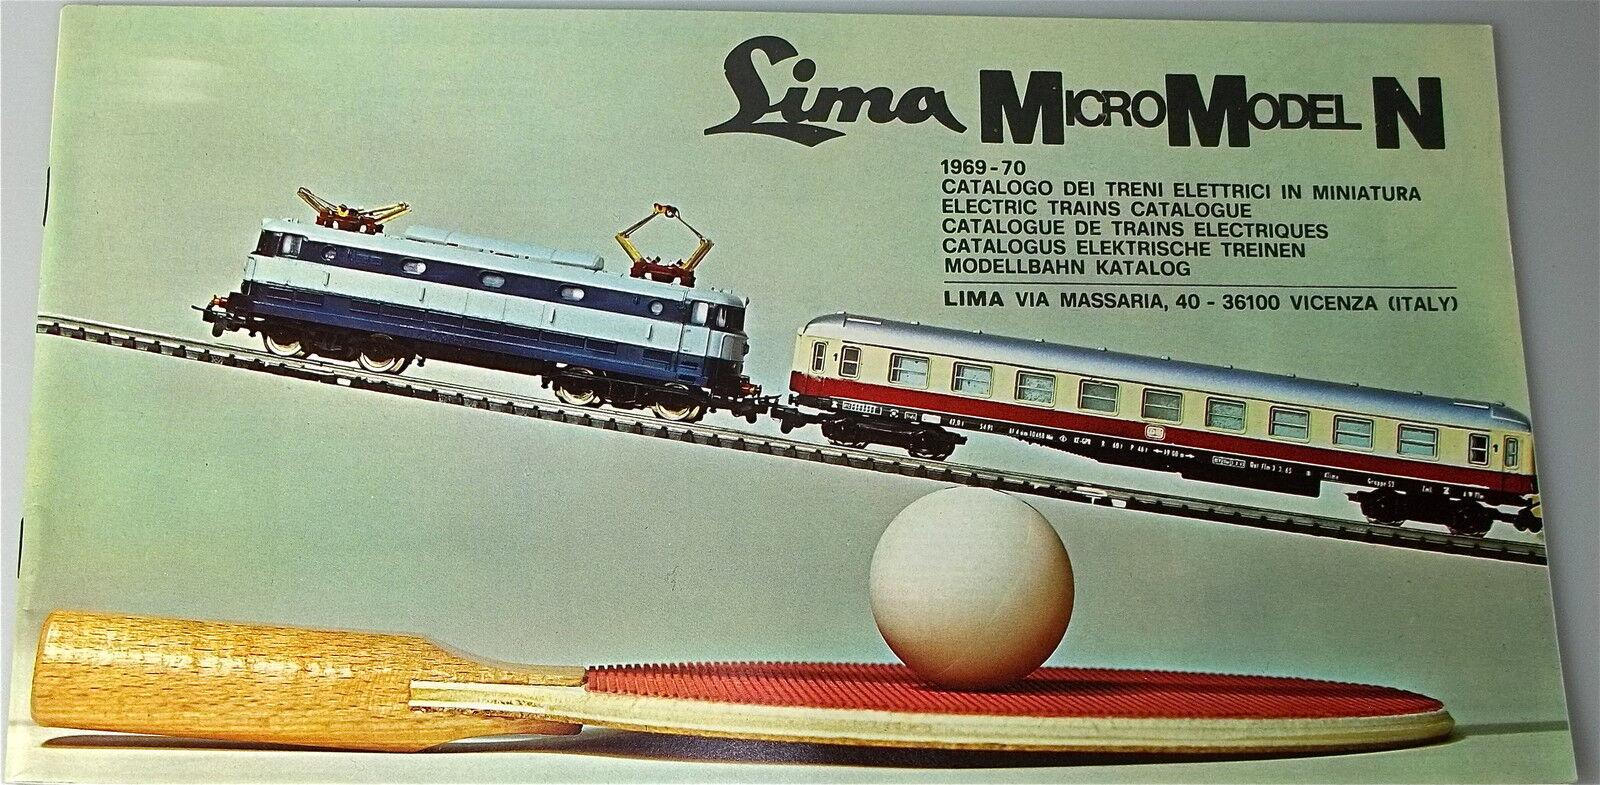 LIMA MicroModel N KATALOG 1969 1970 Å